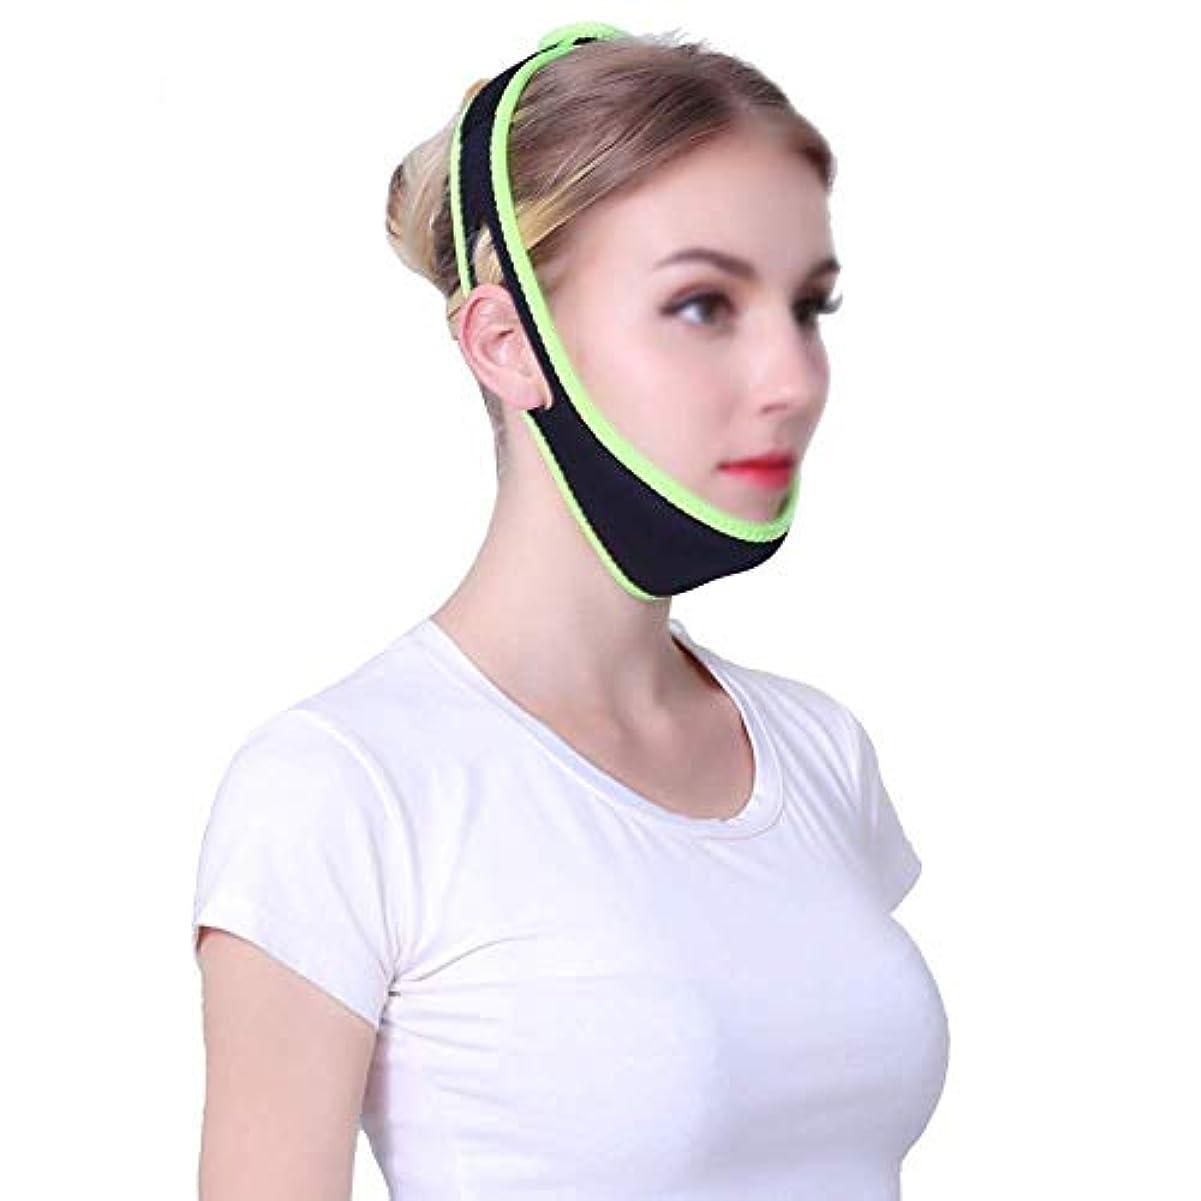 サイクルクリエイティブ代替引き締めフェイスマスク、小さなVフェイスアーティファクト睡眠リフティングマスク付き薄型フェイスバンデージマスク引き締めクリームフェイスリフトフェイスメロンフェイス楽器